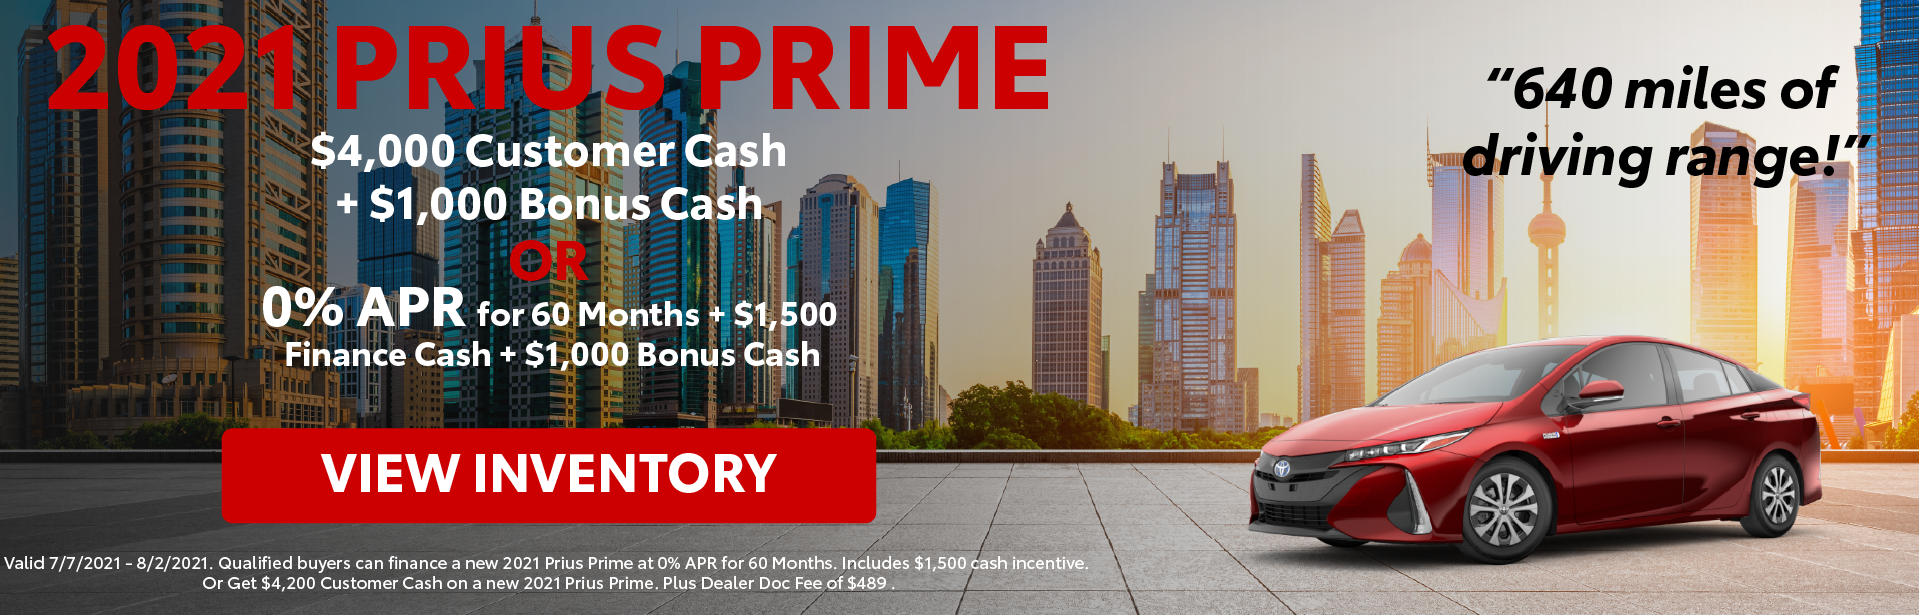 Prius Prime Customer Cash